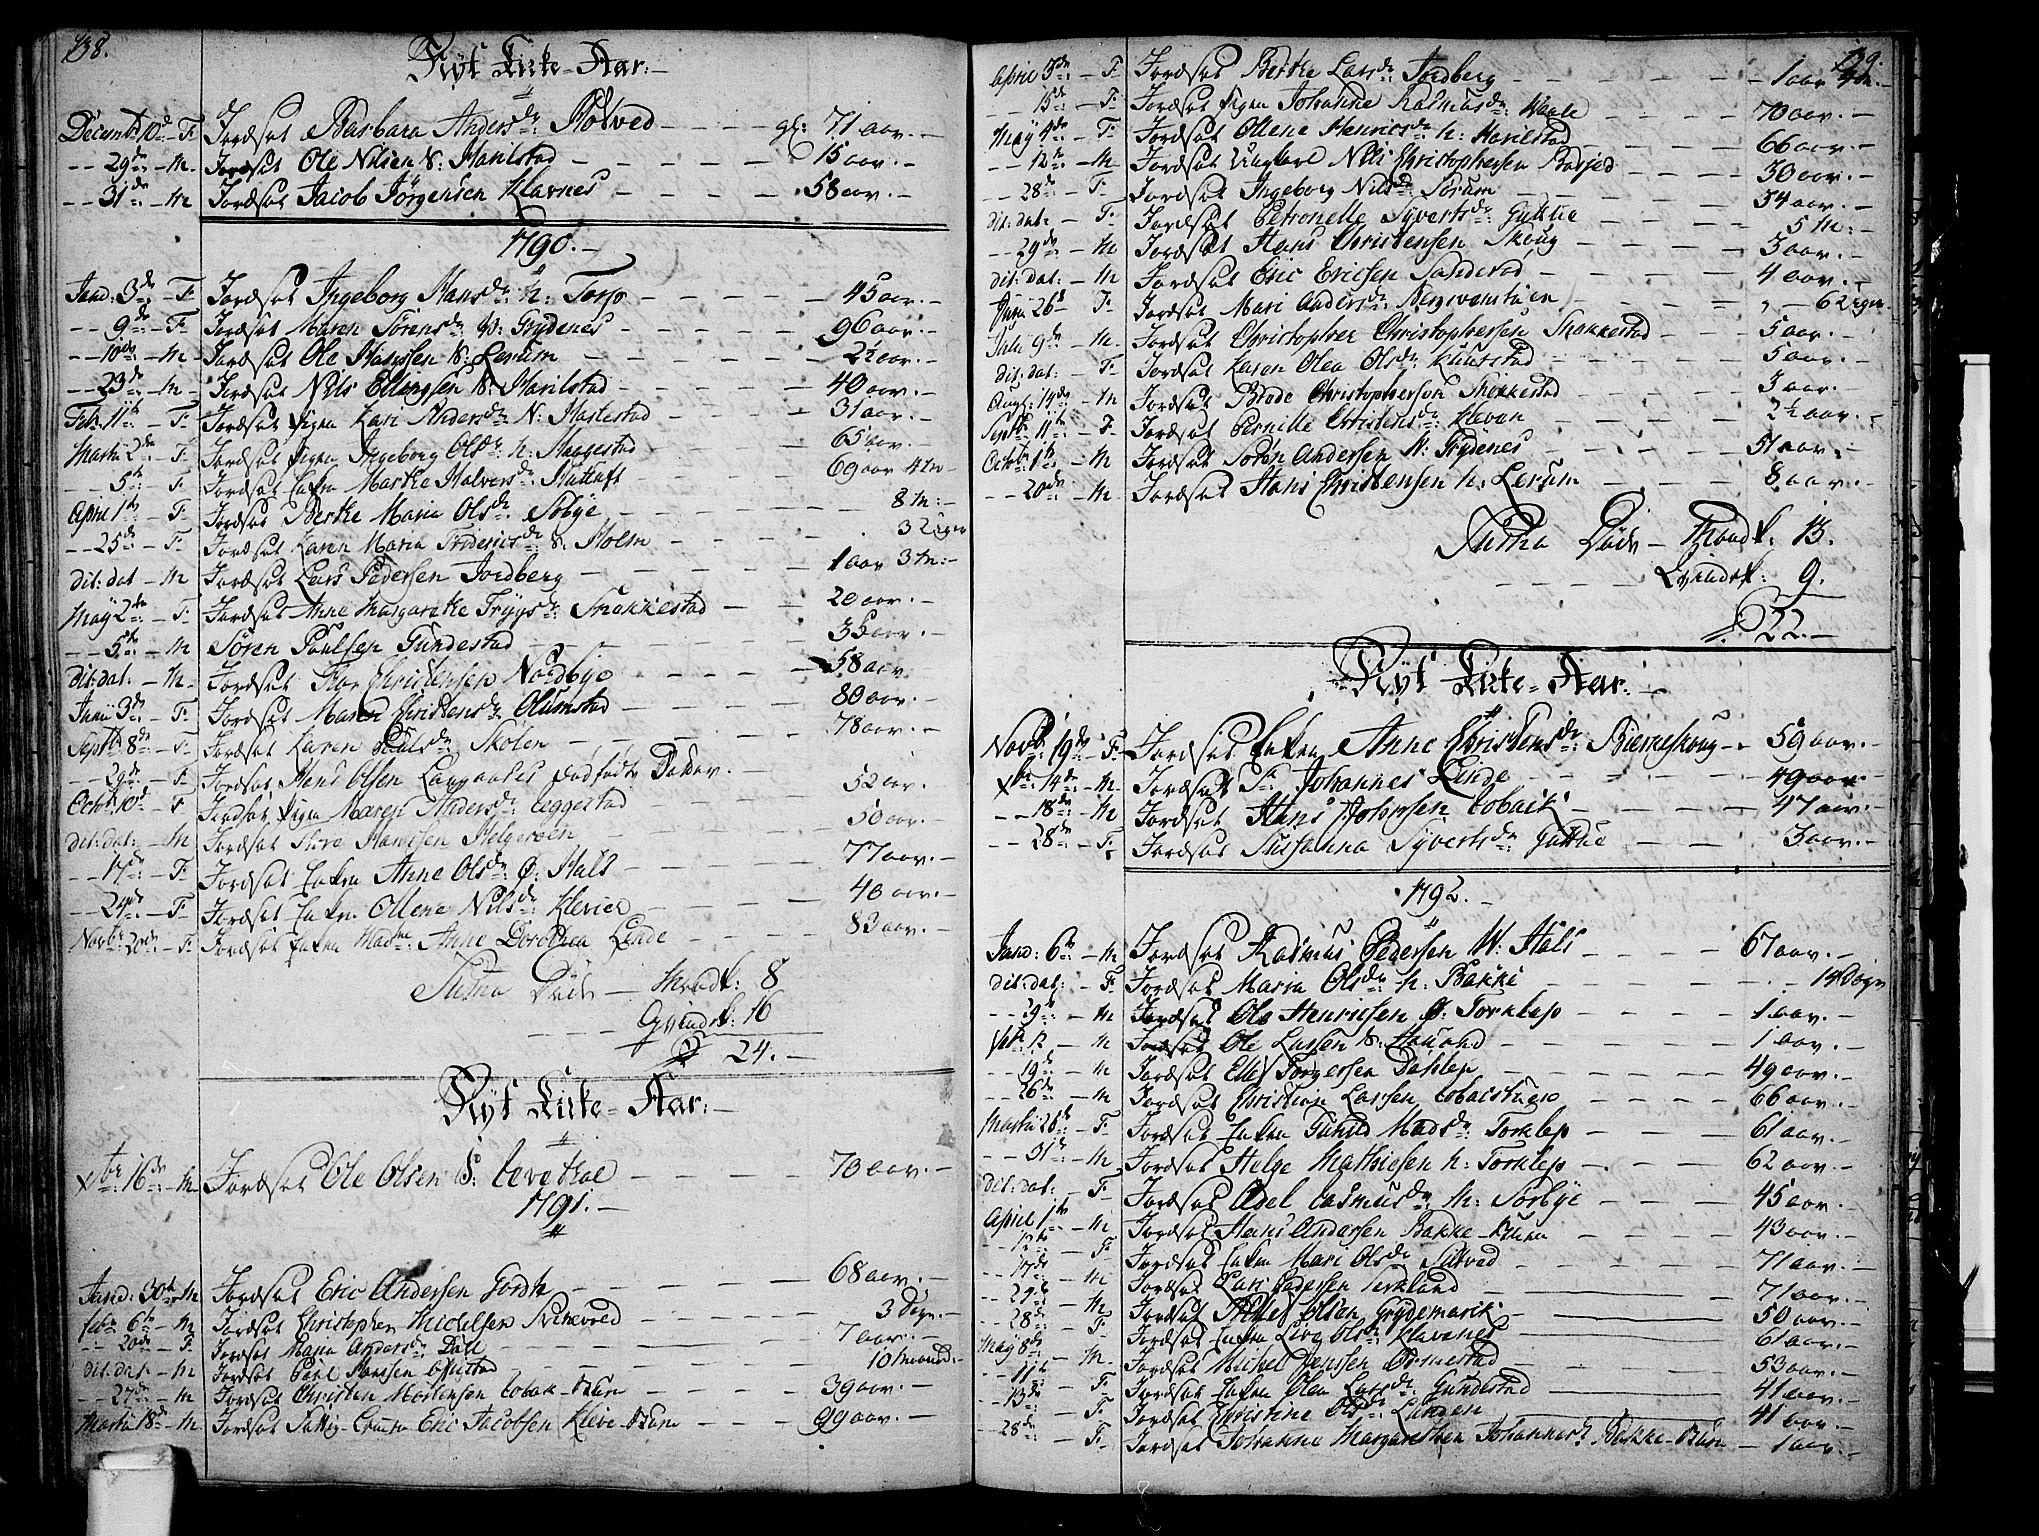 SAKO, Våle kirkebøker, F/Fa/L0005: Ministerialbok nr. I 5, 1773-1808, s. 138-139